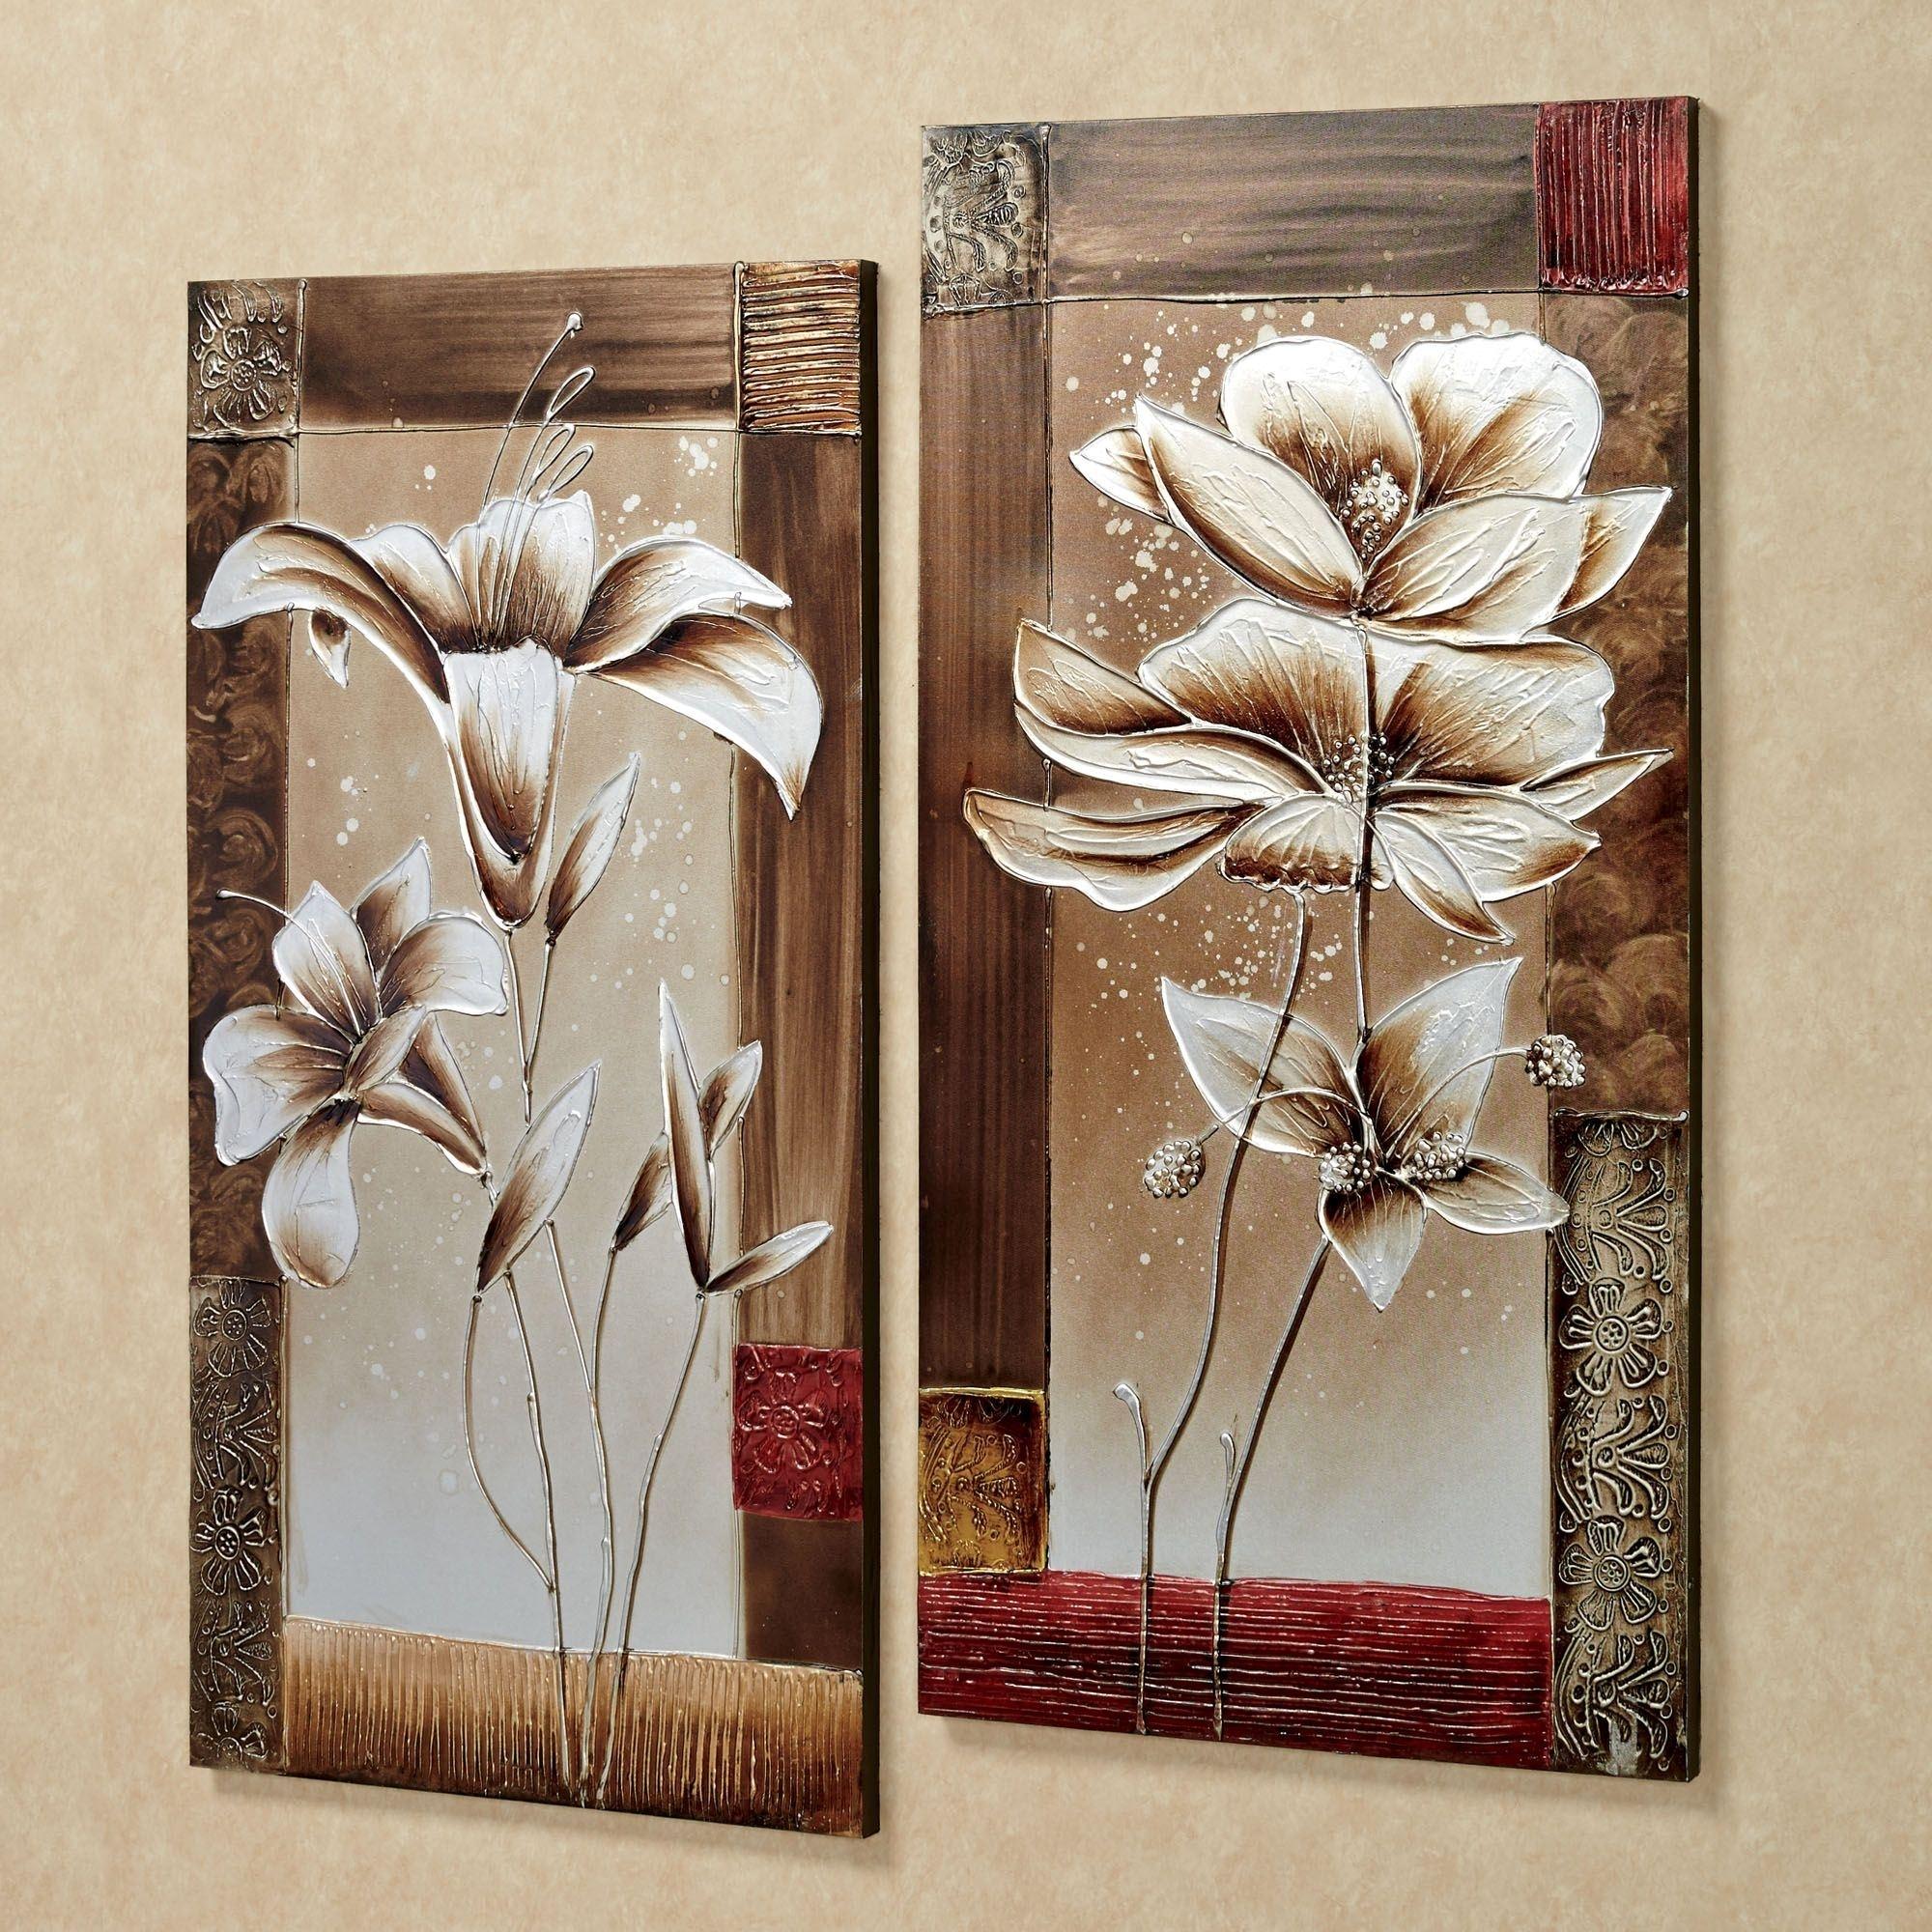 Petals Of Spring Floral Canvas Wall Art Set For Most Recent Floral Canvas Wall Art (View 3 of 20)